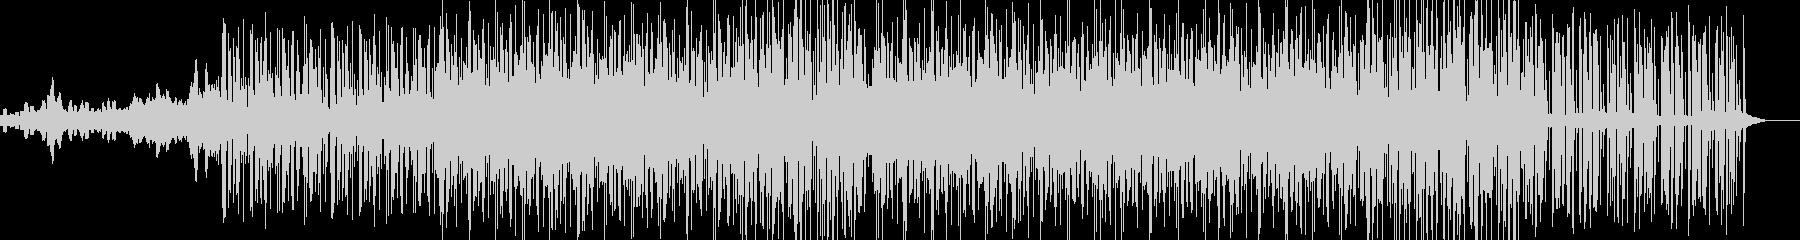 スペーシーなサウンドのイントロは、...の未再生の波形